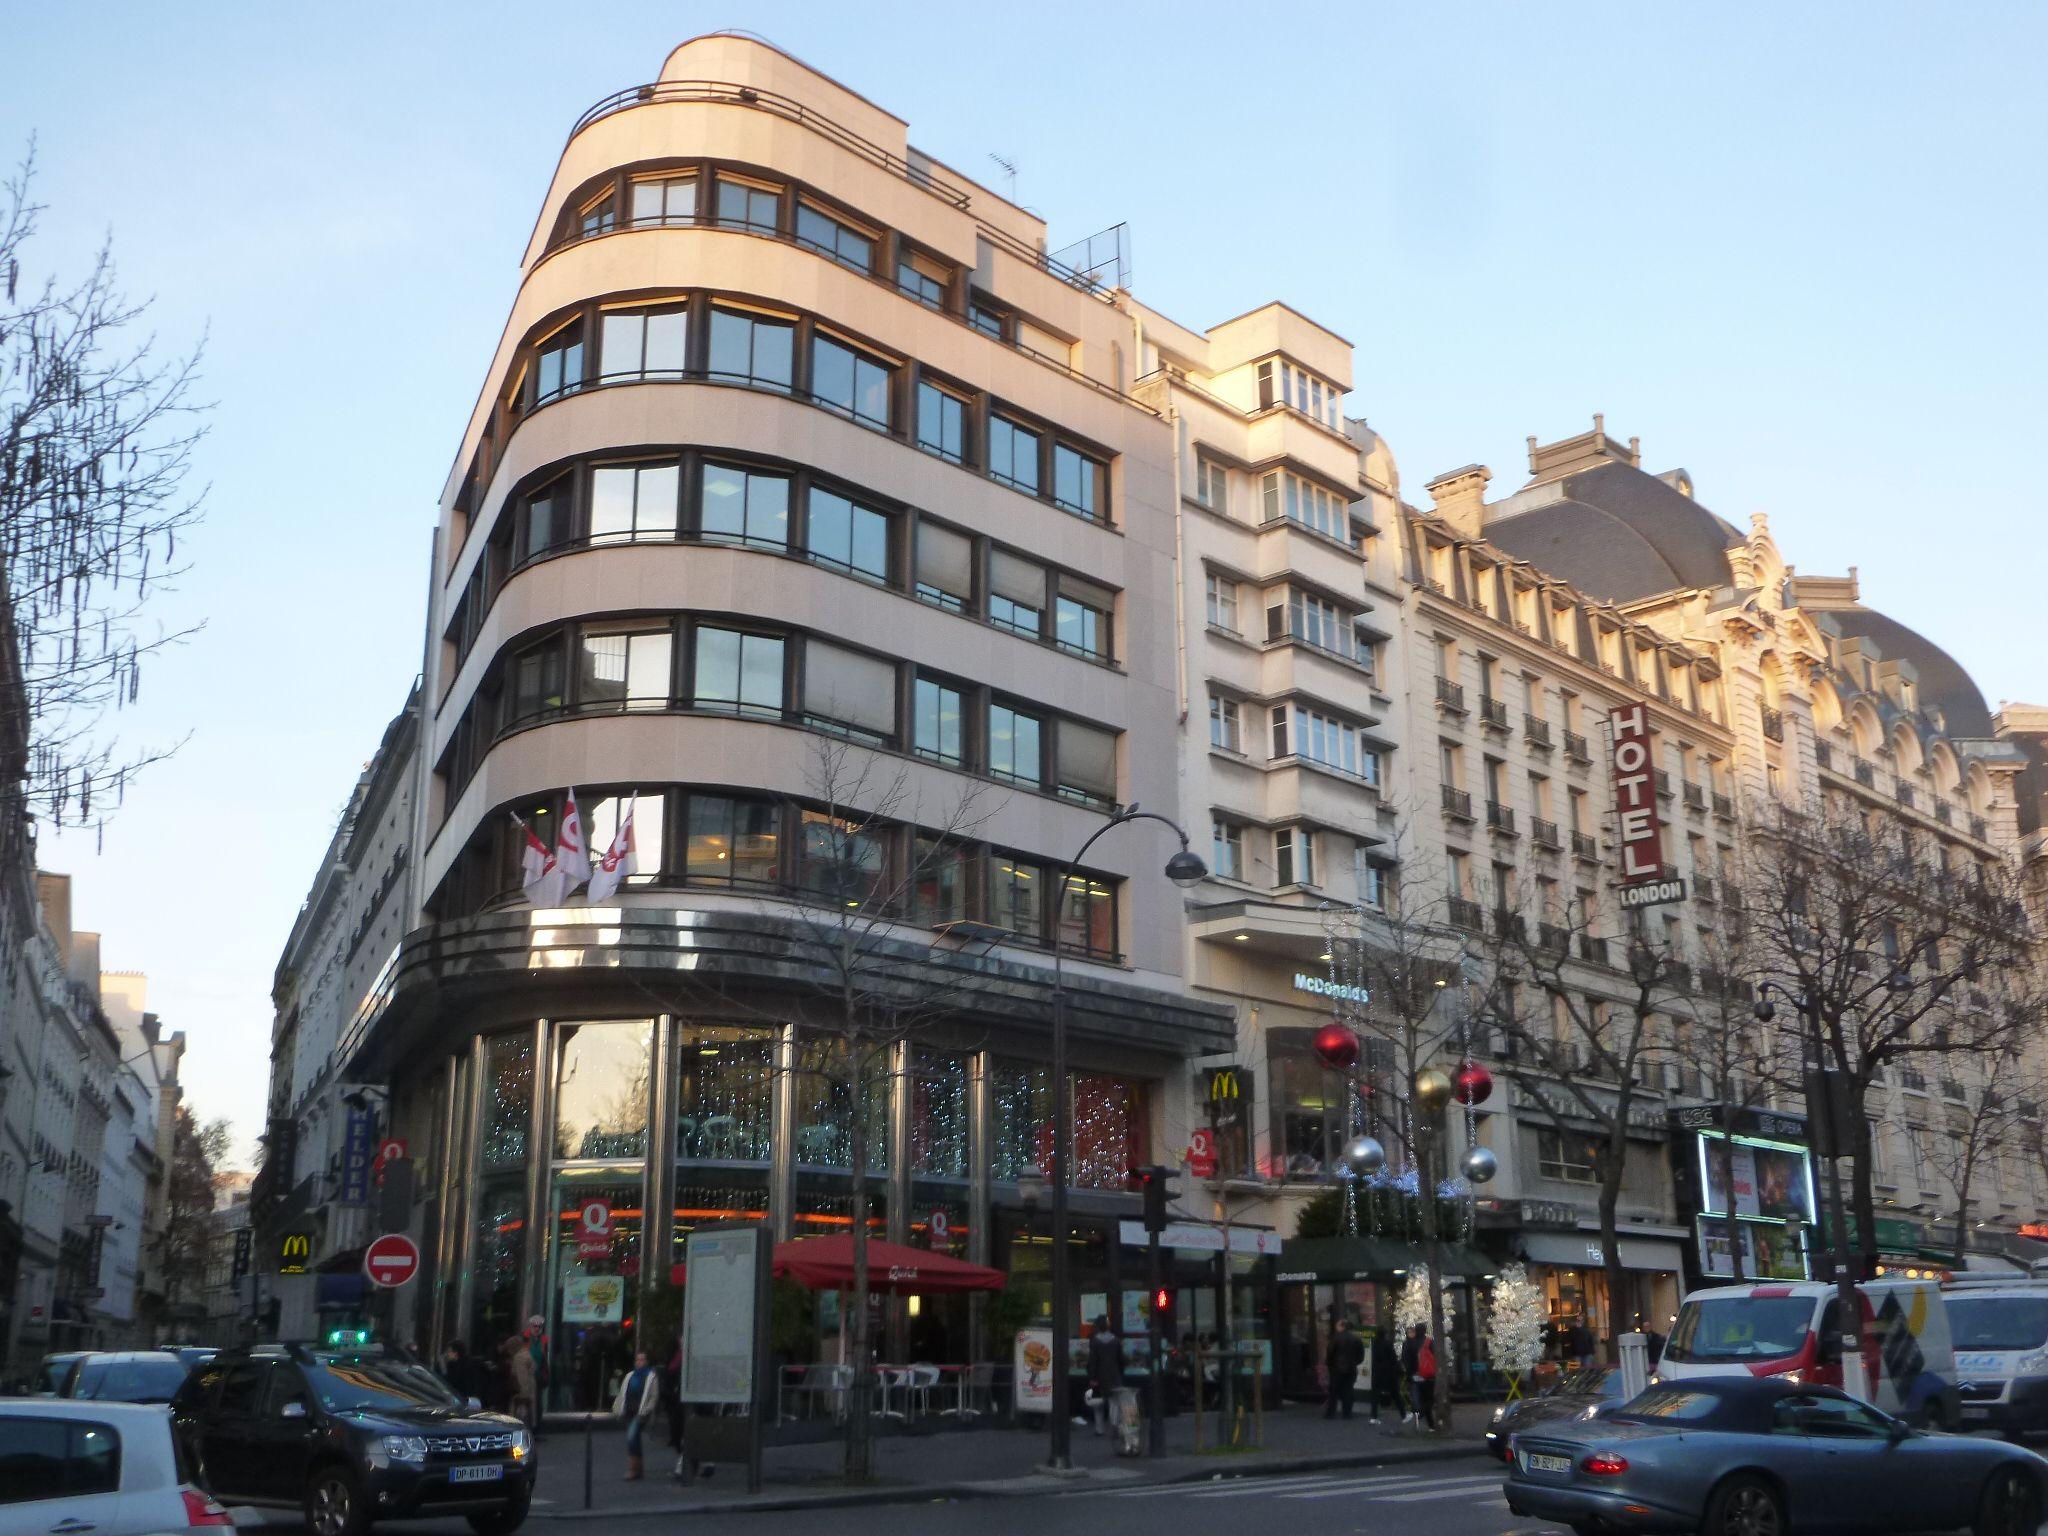 immeuble ford 1929 36 boulevard des italiens paris 75009 architecte michel roux spitz l. Black Bedroom Furniture Sets. Home Design Ideas